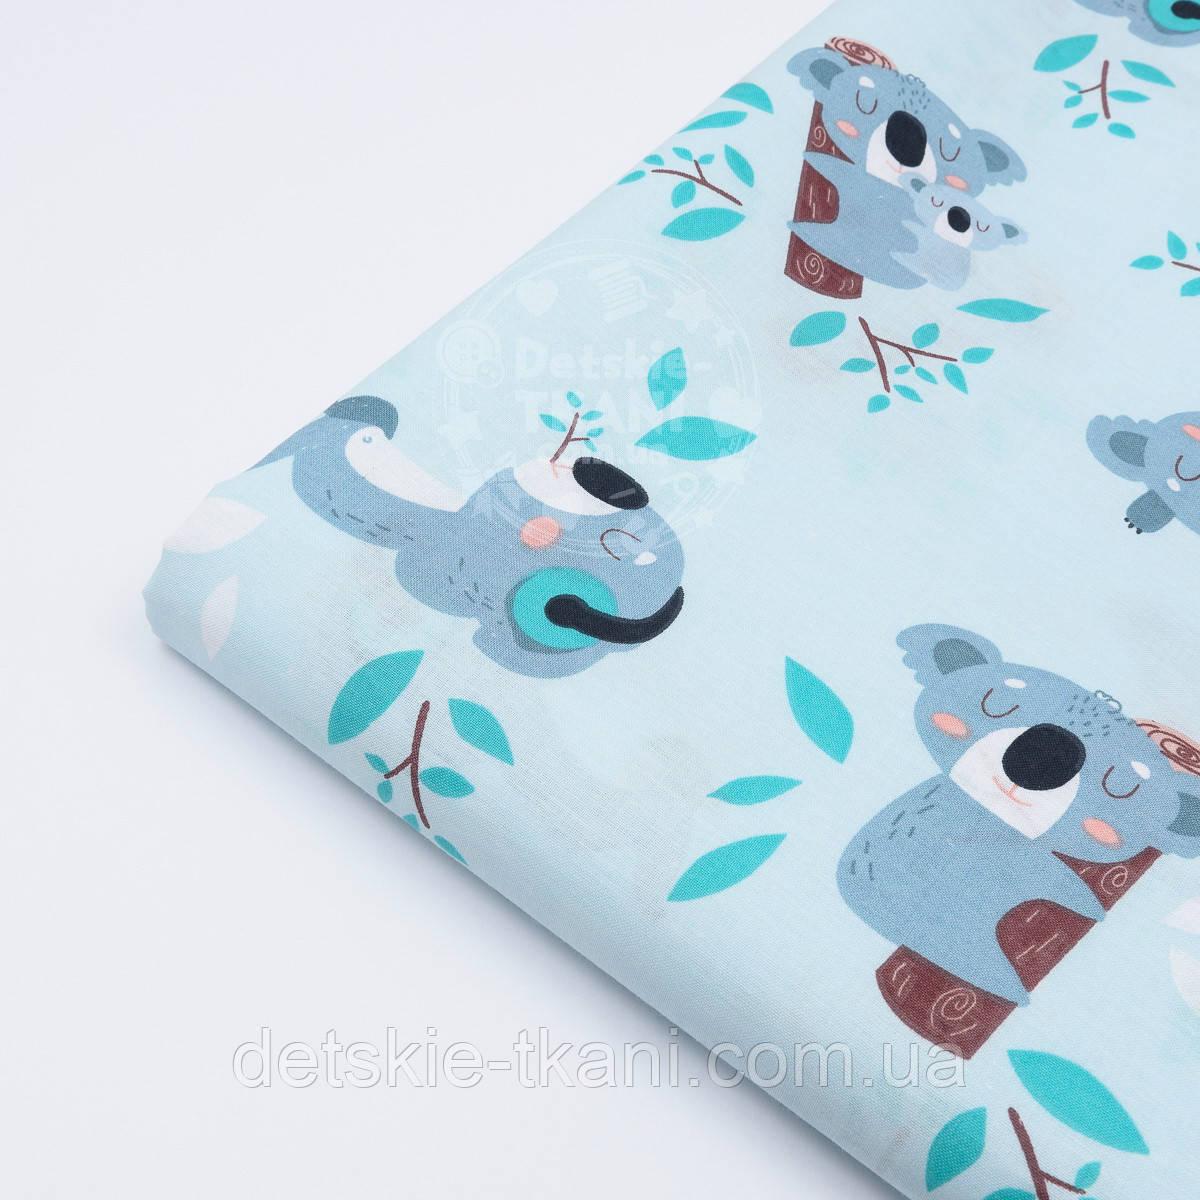 """Отрез ткани """"Коала с чемоданом"""" на светло-бирюзовом фоне (№1487), размер 60*160"""